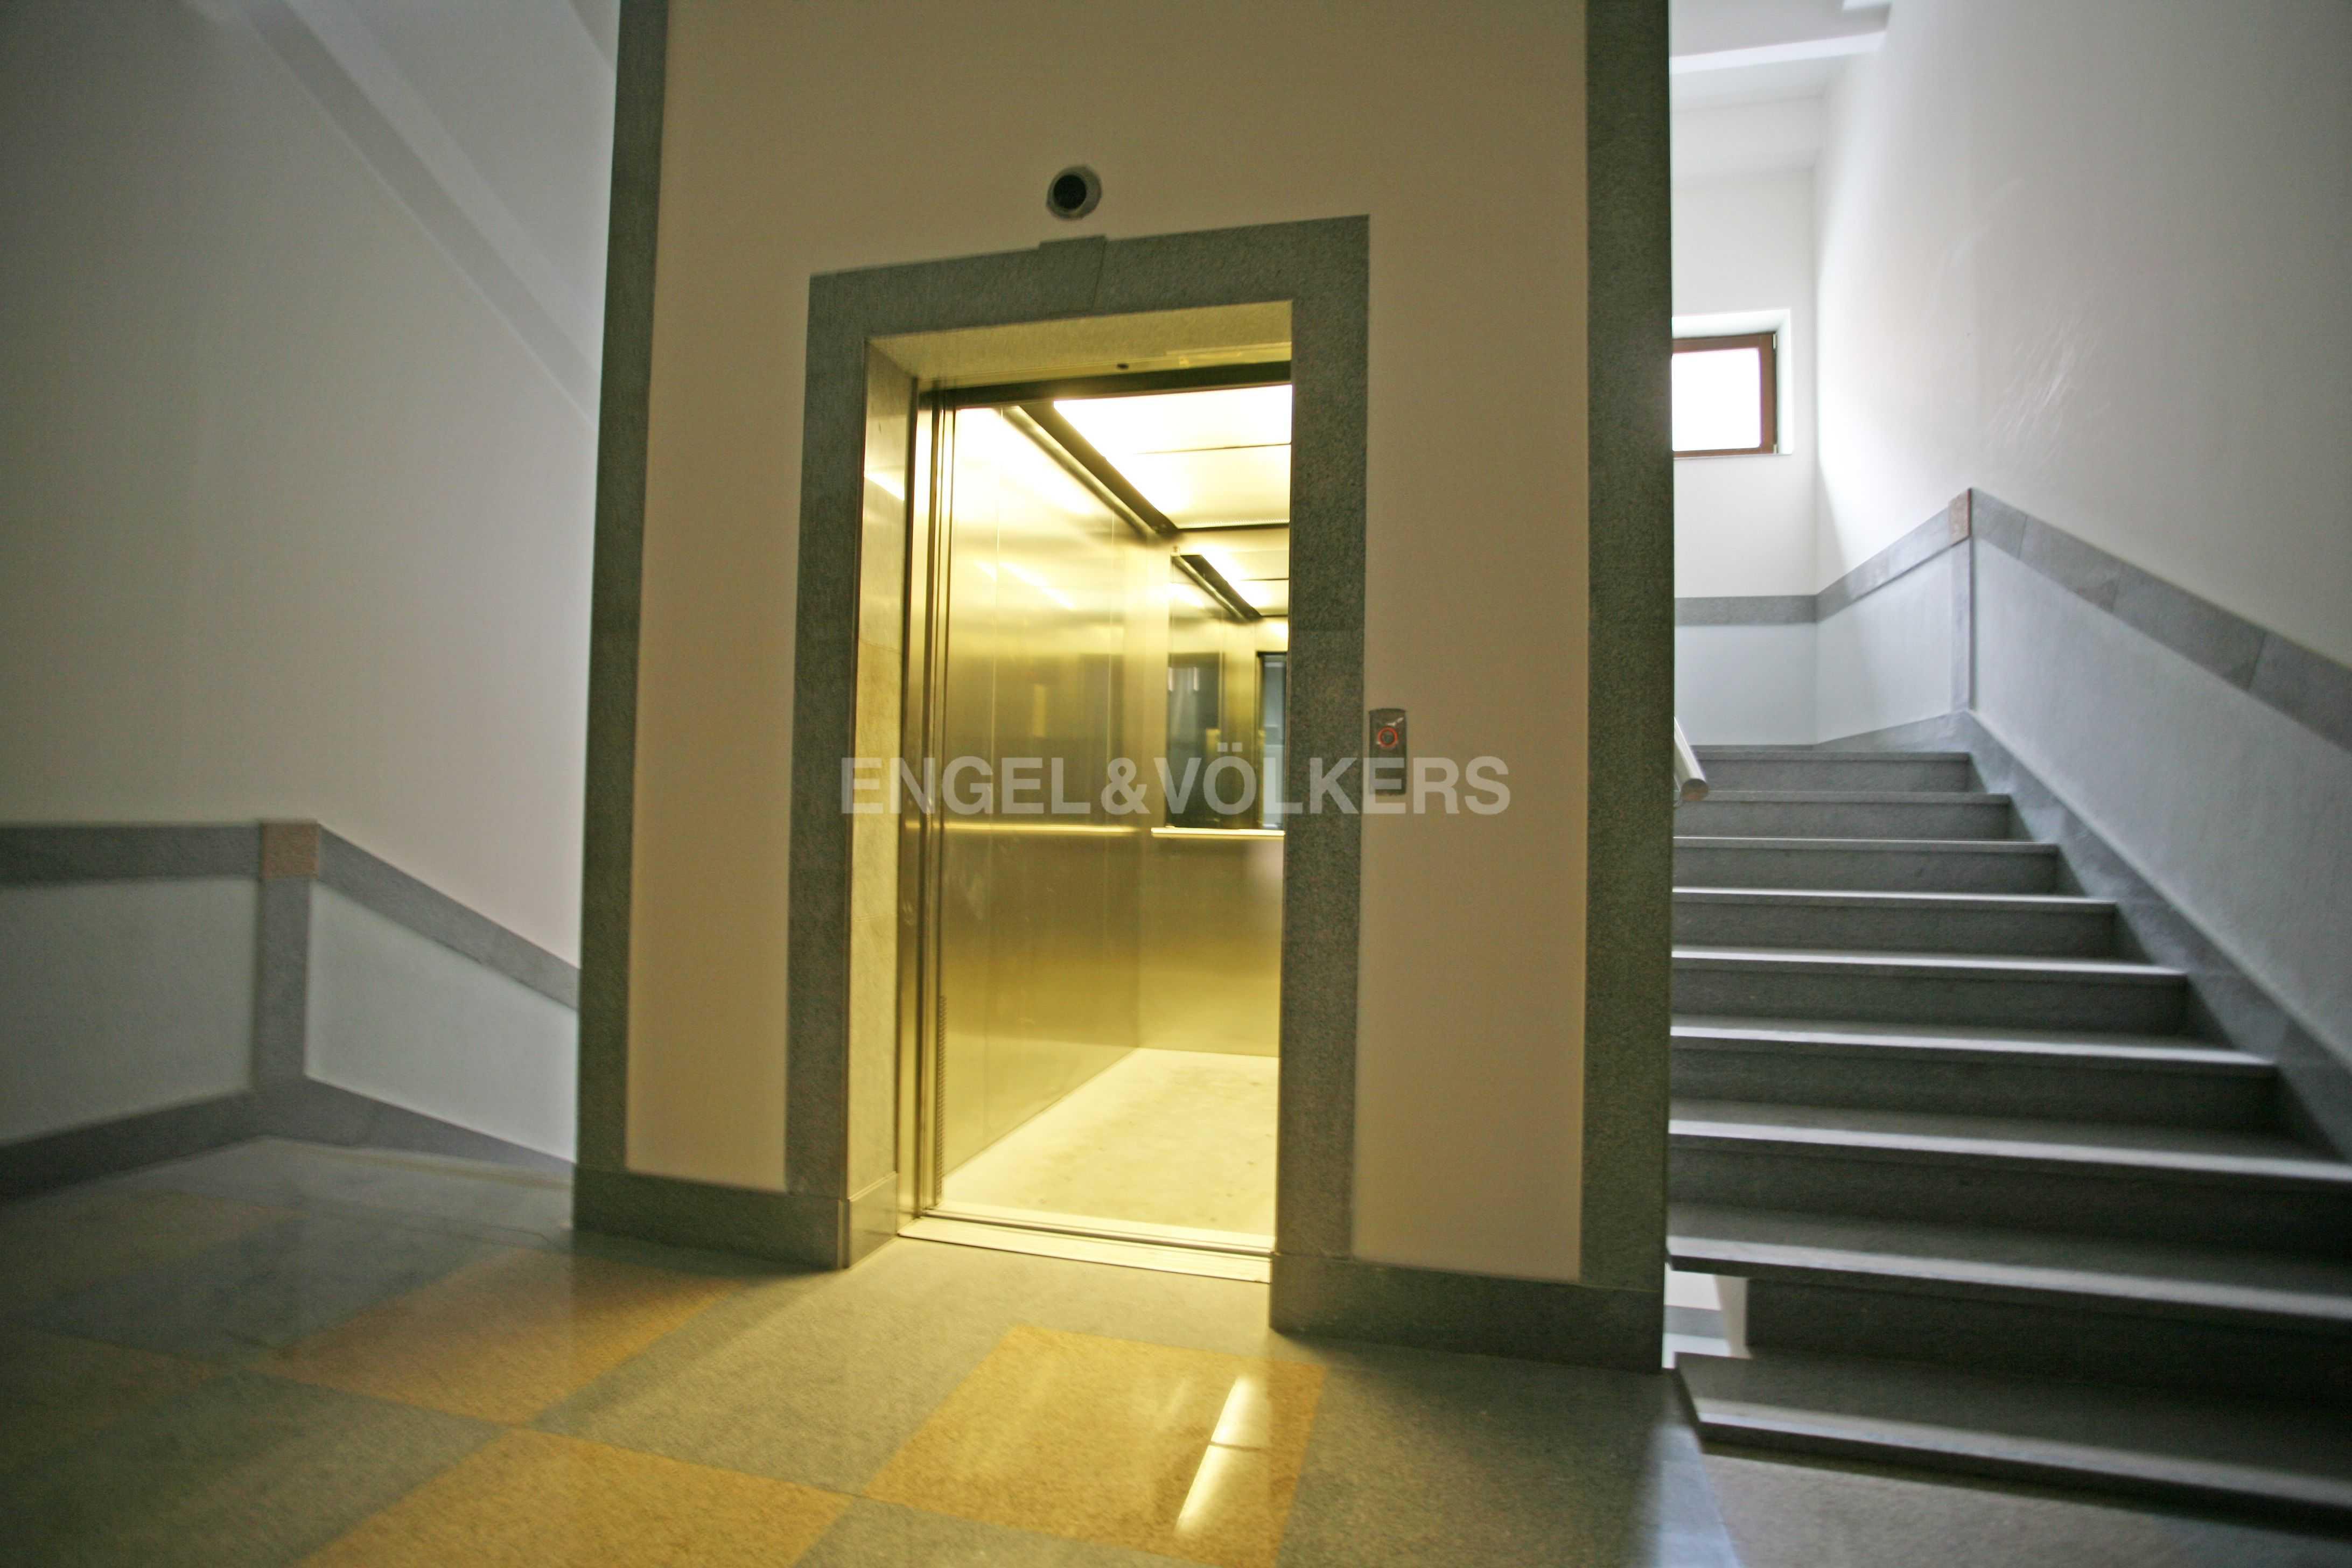 Элитные квартиры в Центральный р-н. Санкт-Петербург, Тверская ул., 1A . Лифт в парадной